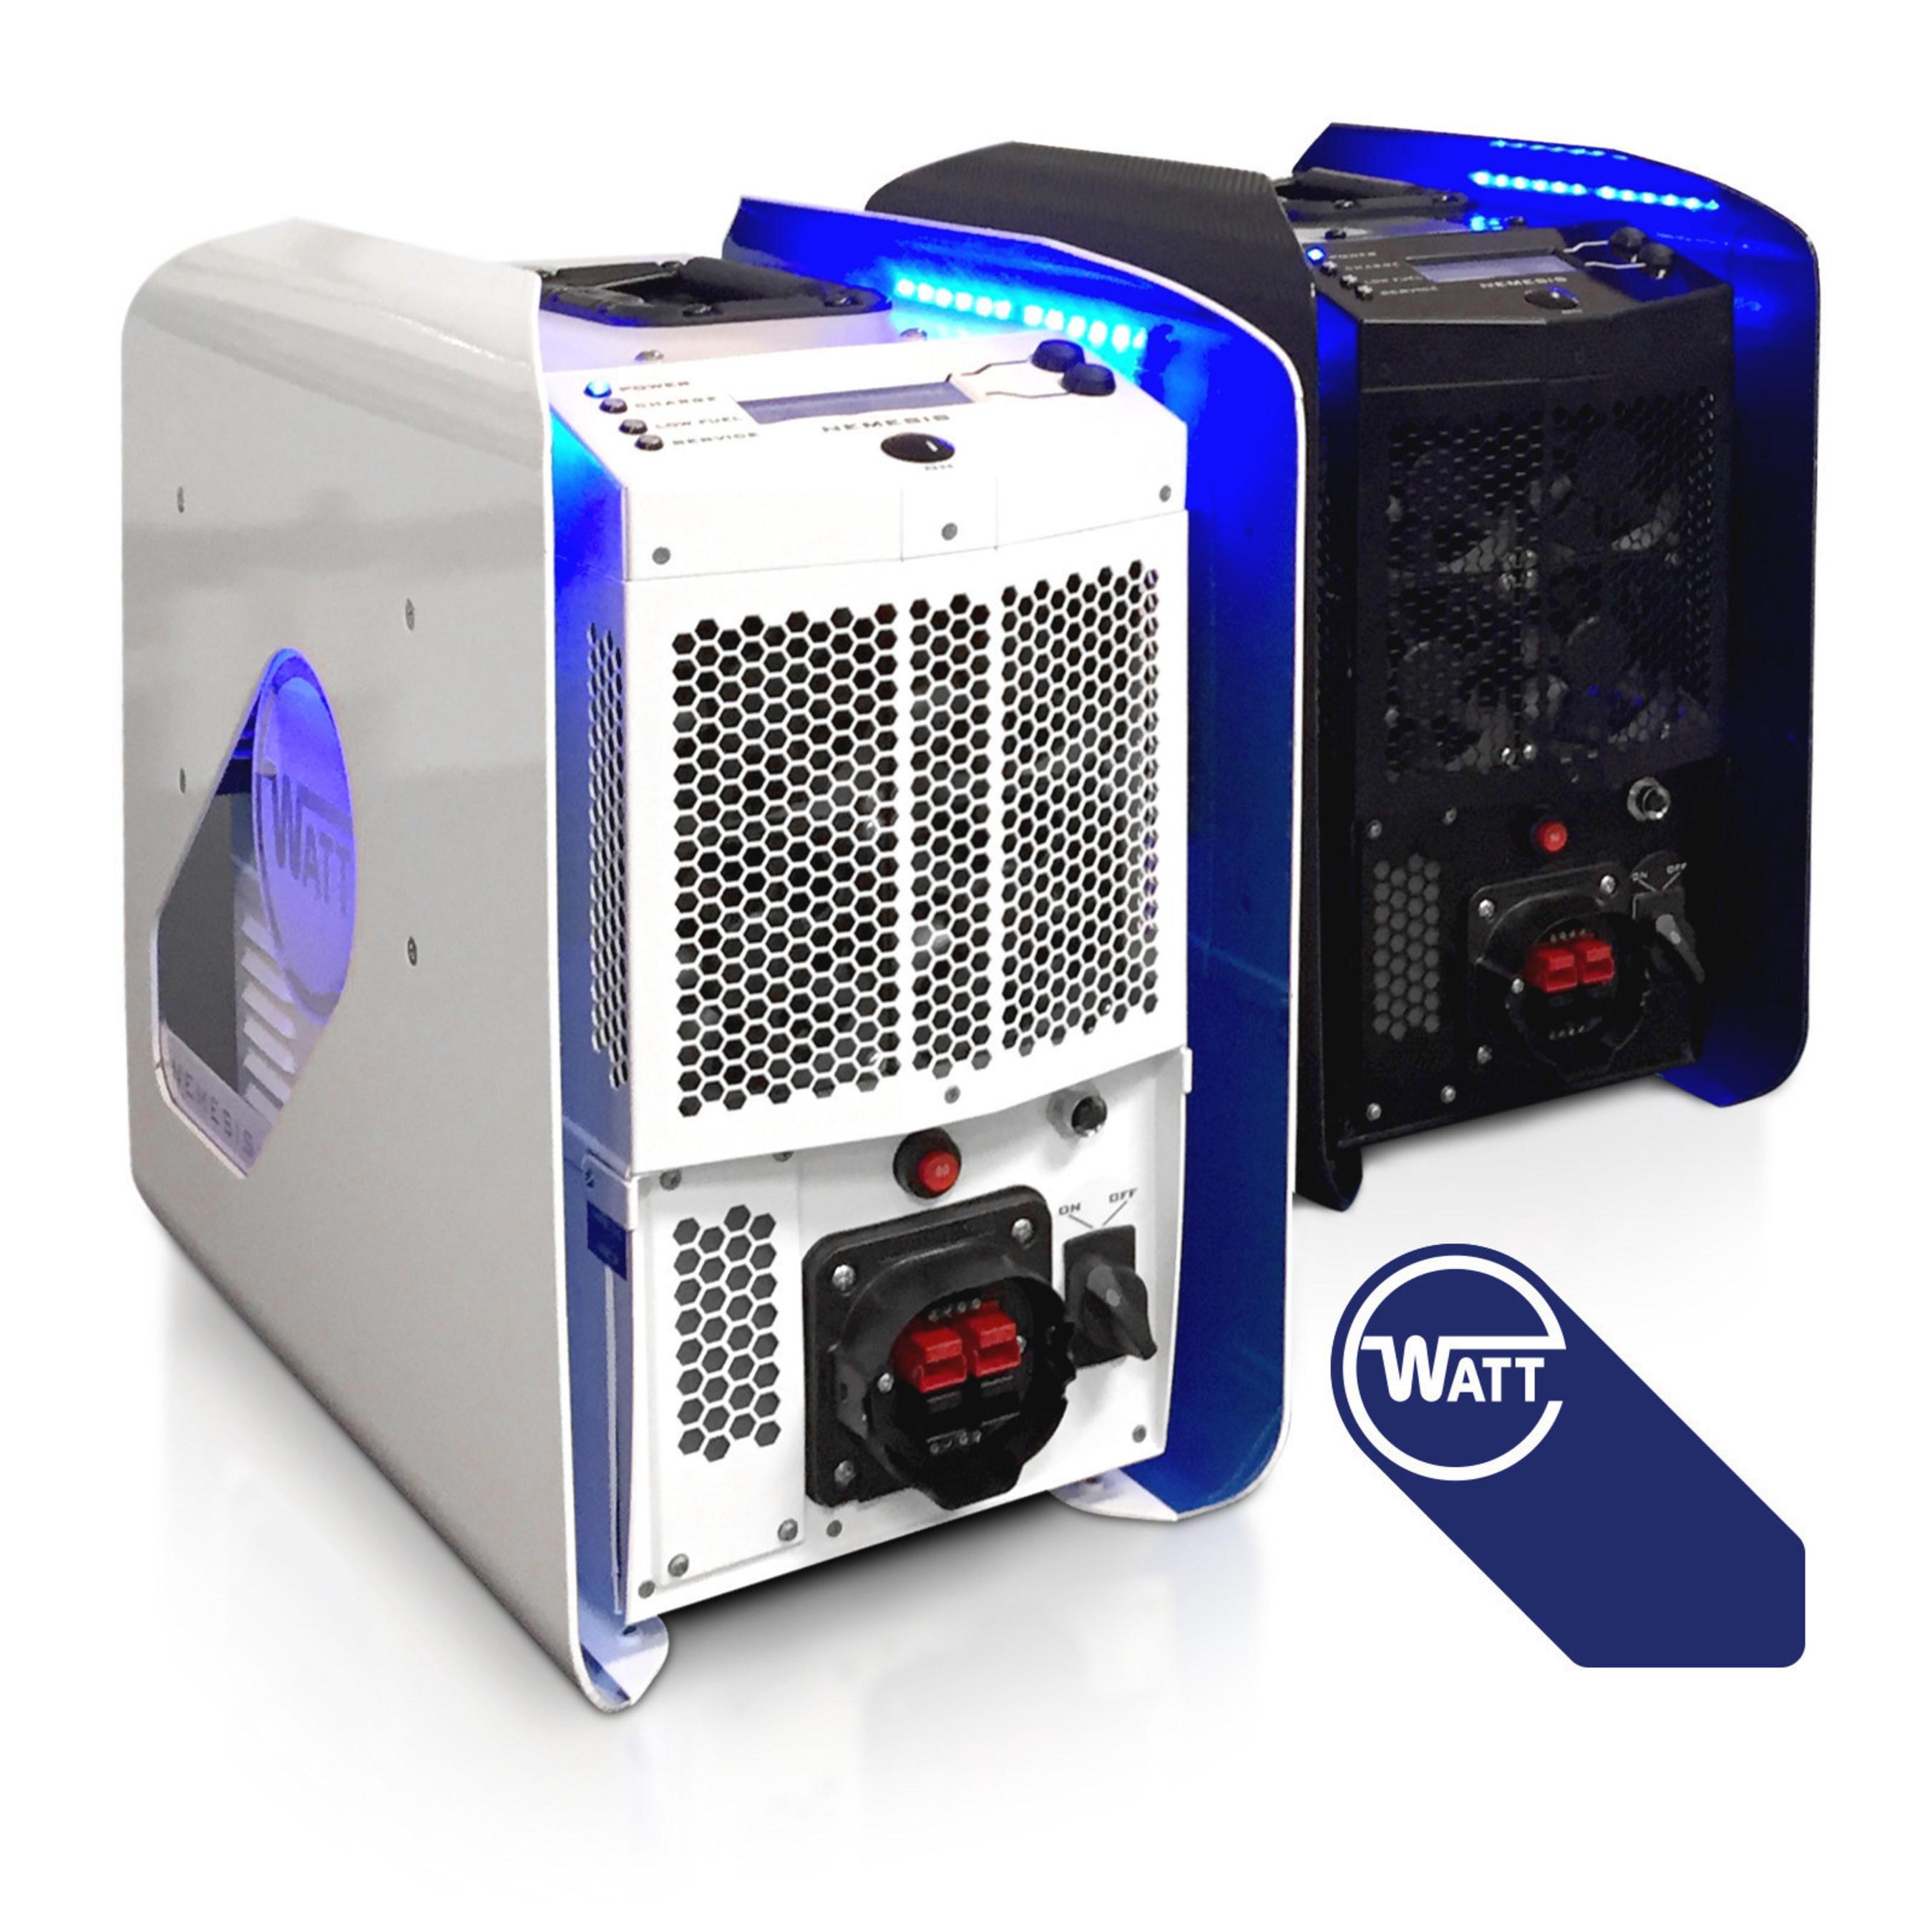 WATT Fuel Cell System